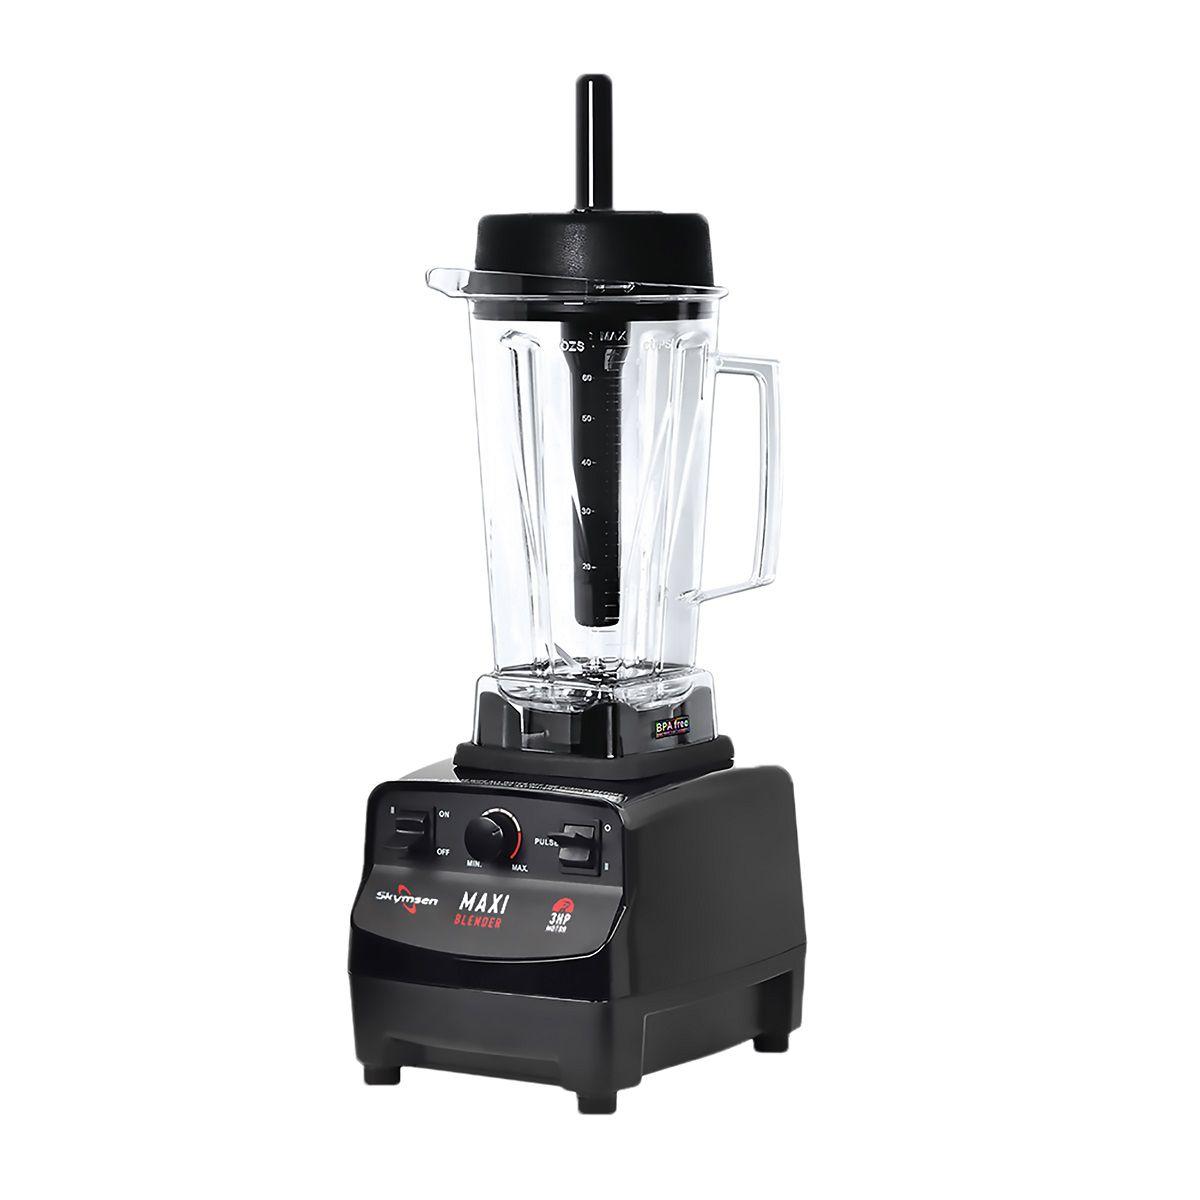 Liquidificador Maxi Blender Copo Tritan Alta Rotação c/ Variador De Velocidade 2 Litros BM2  SKYMSEN